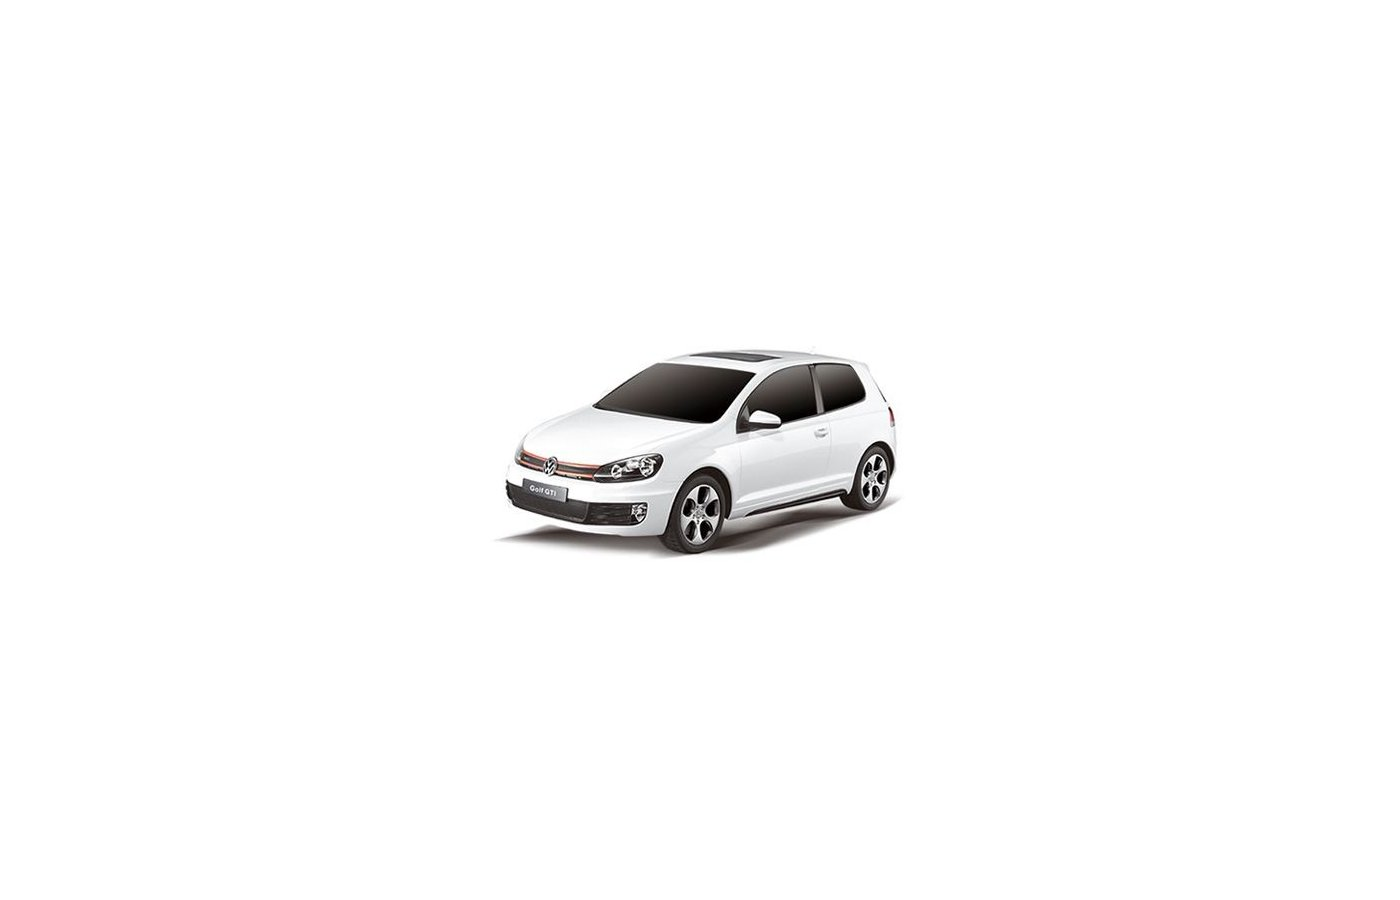 Игрушка RASTAR 44700 Машина Volkswagen Golf GTI